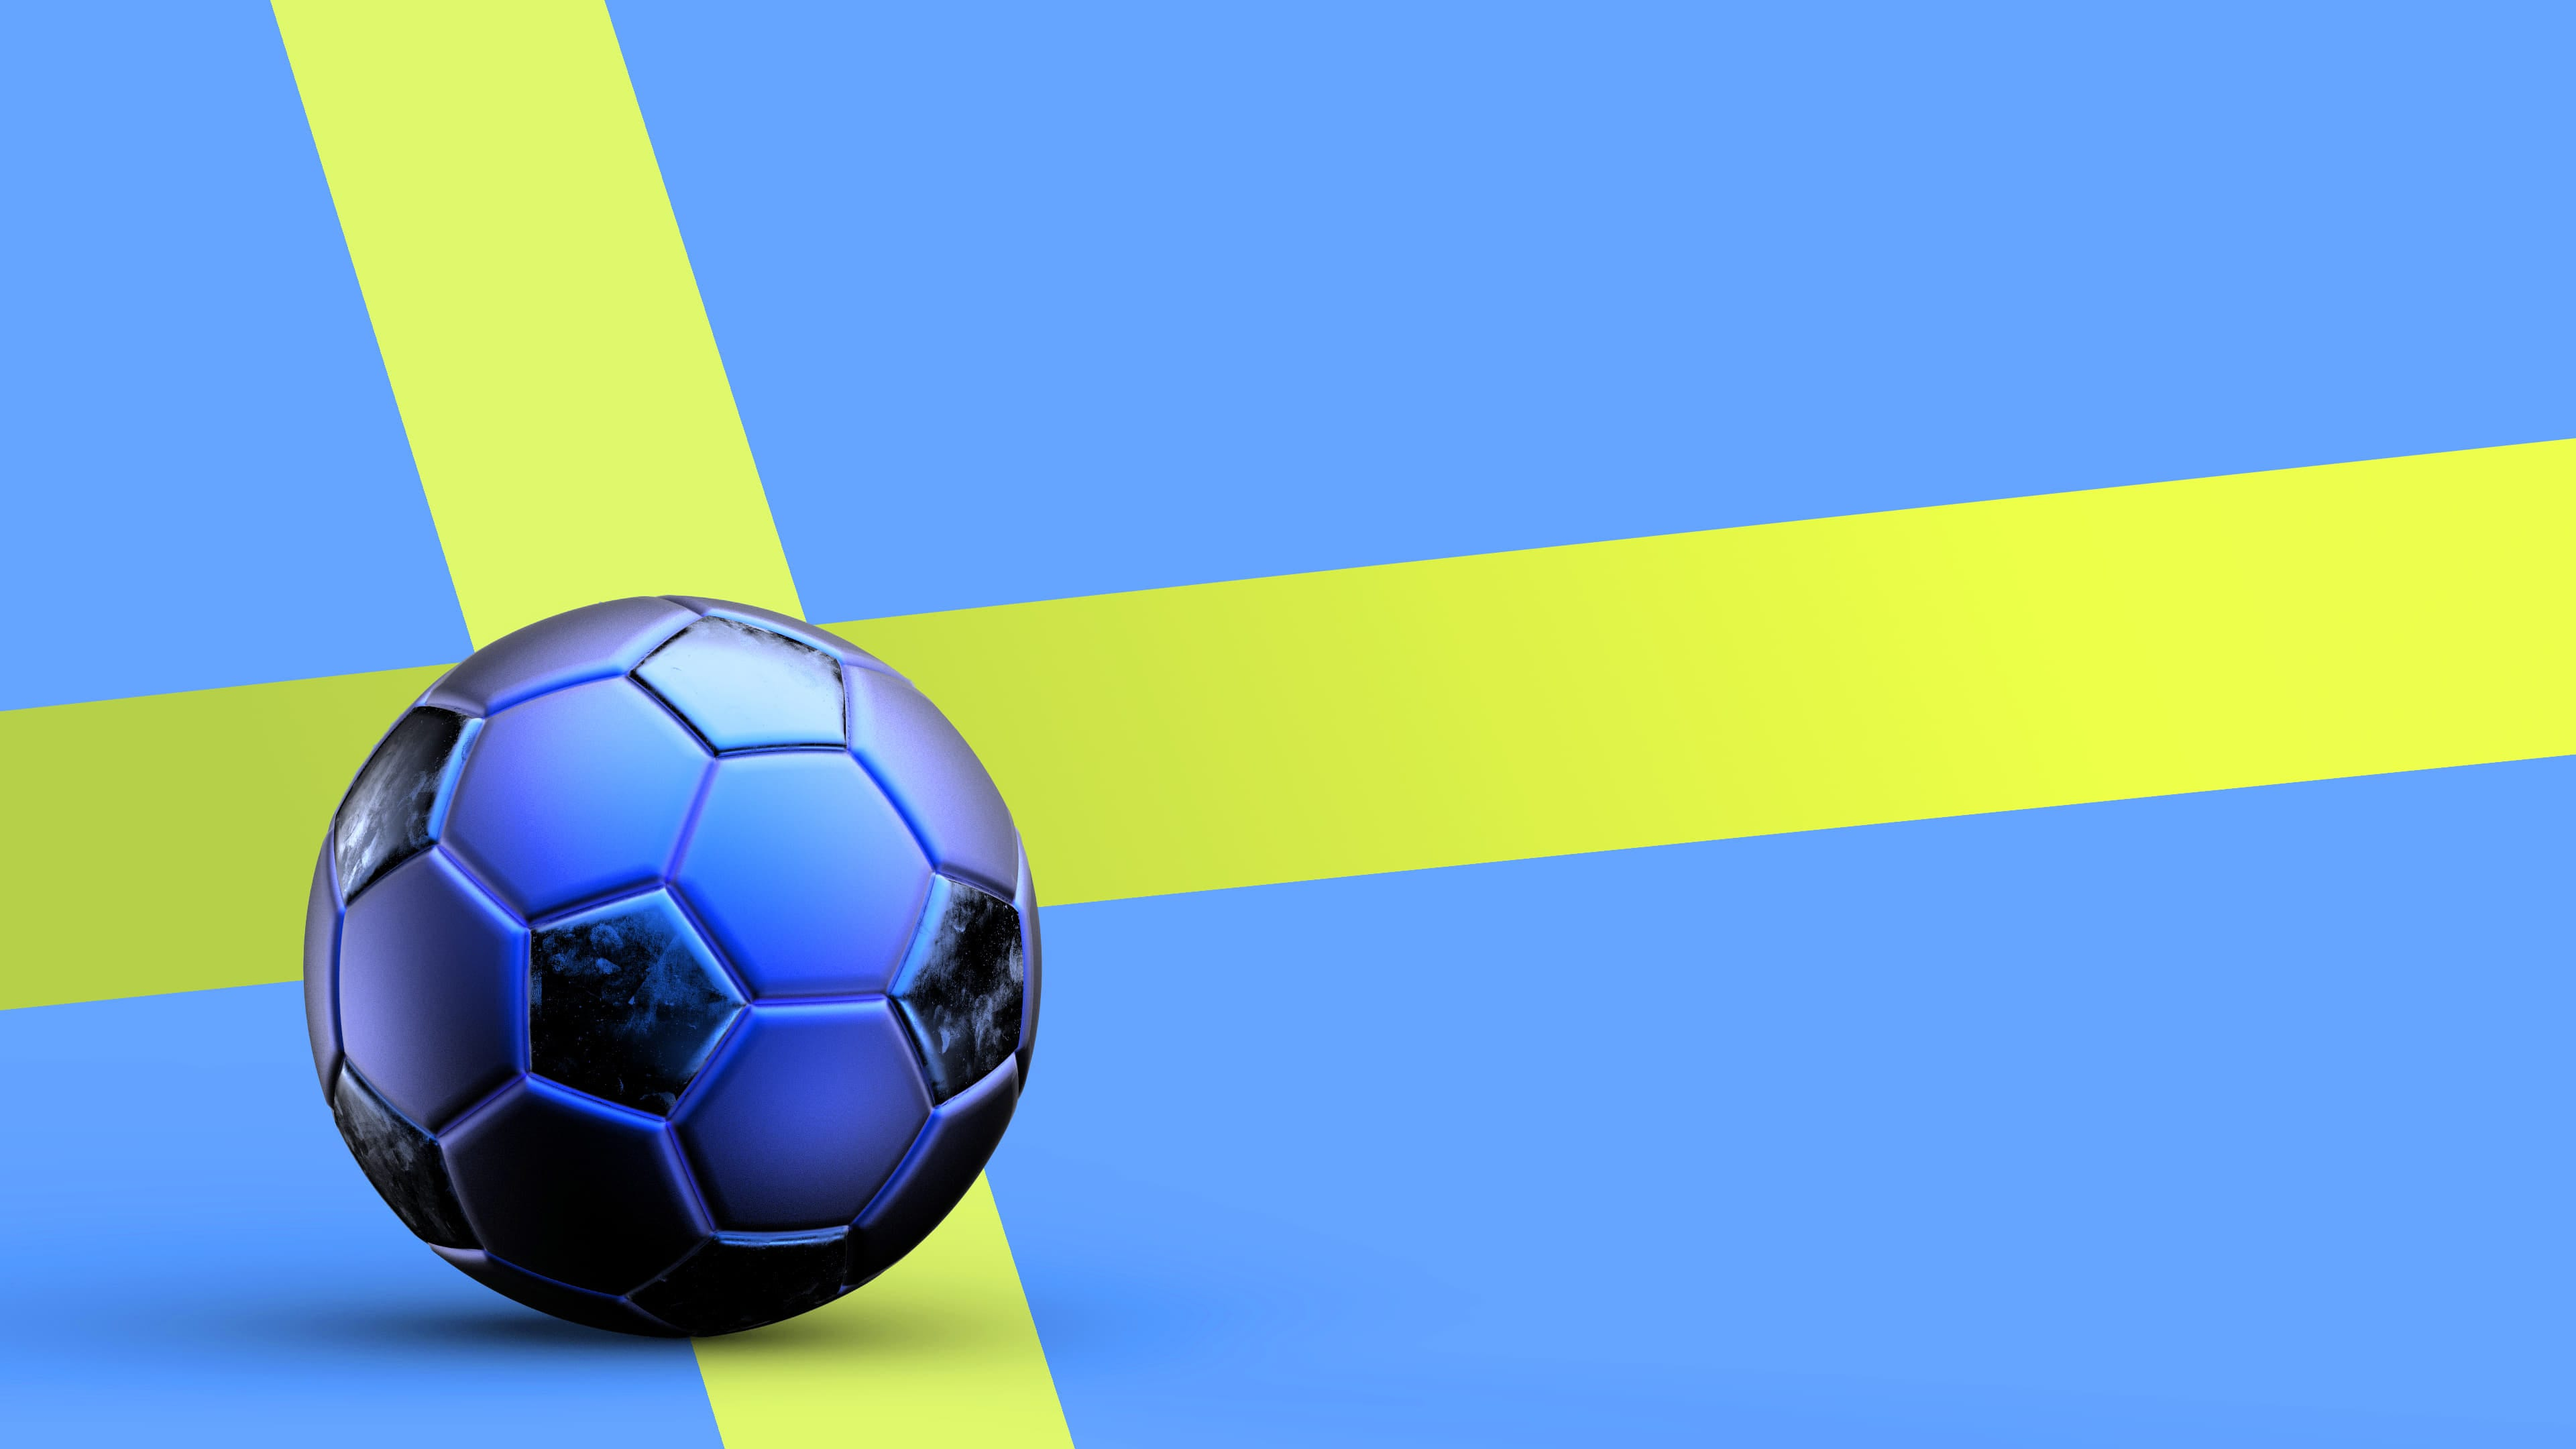 Piłka na tle flagi Szwecji